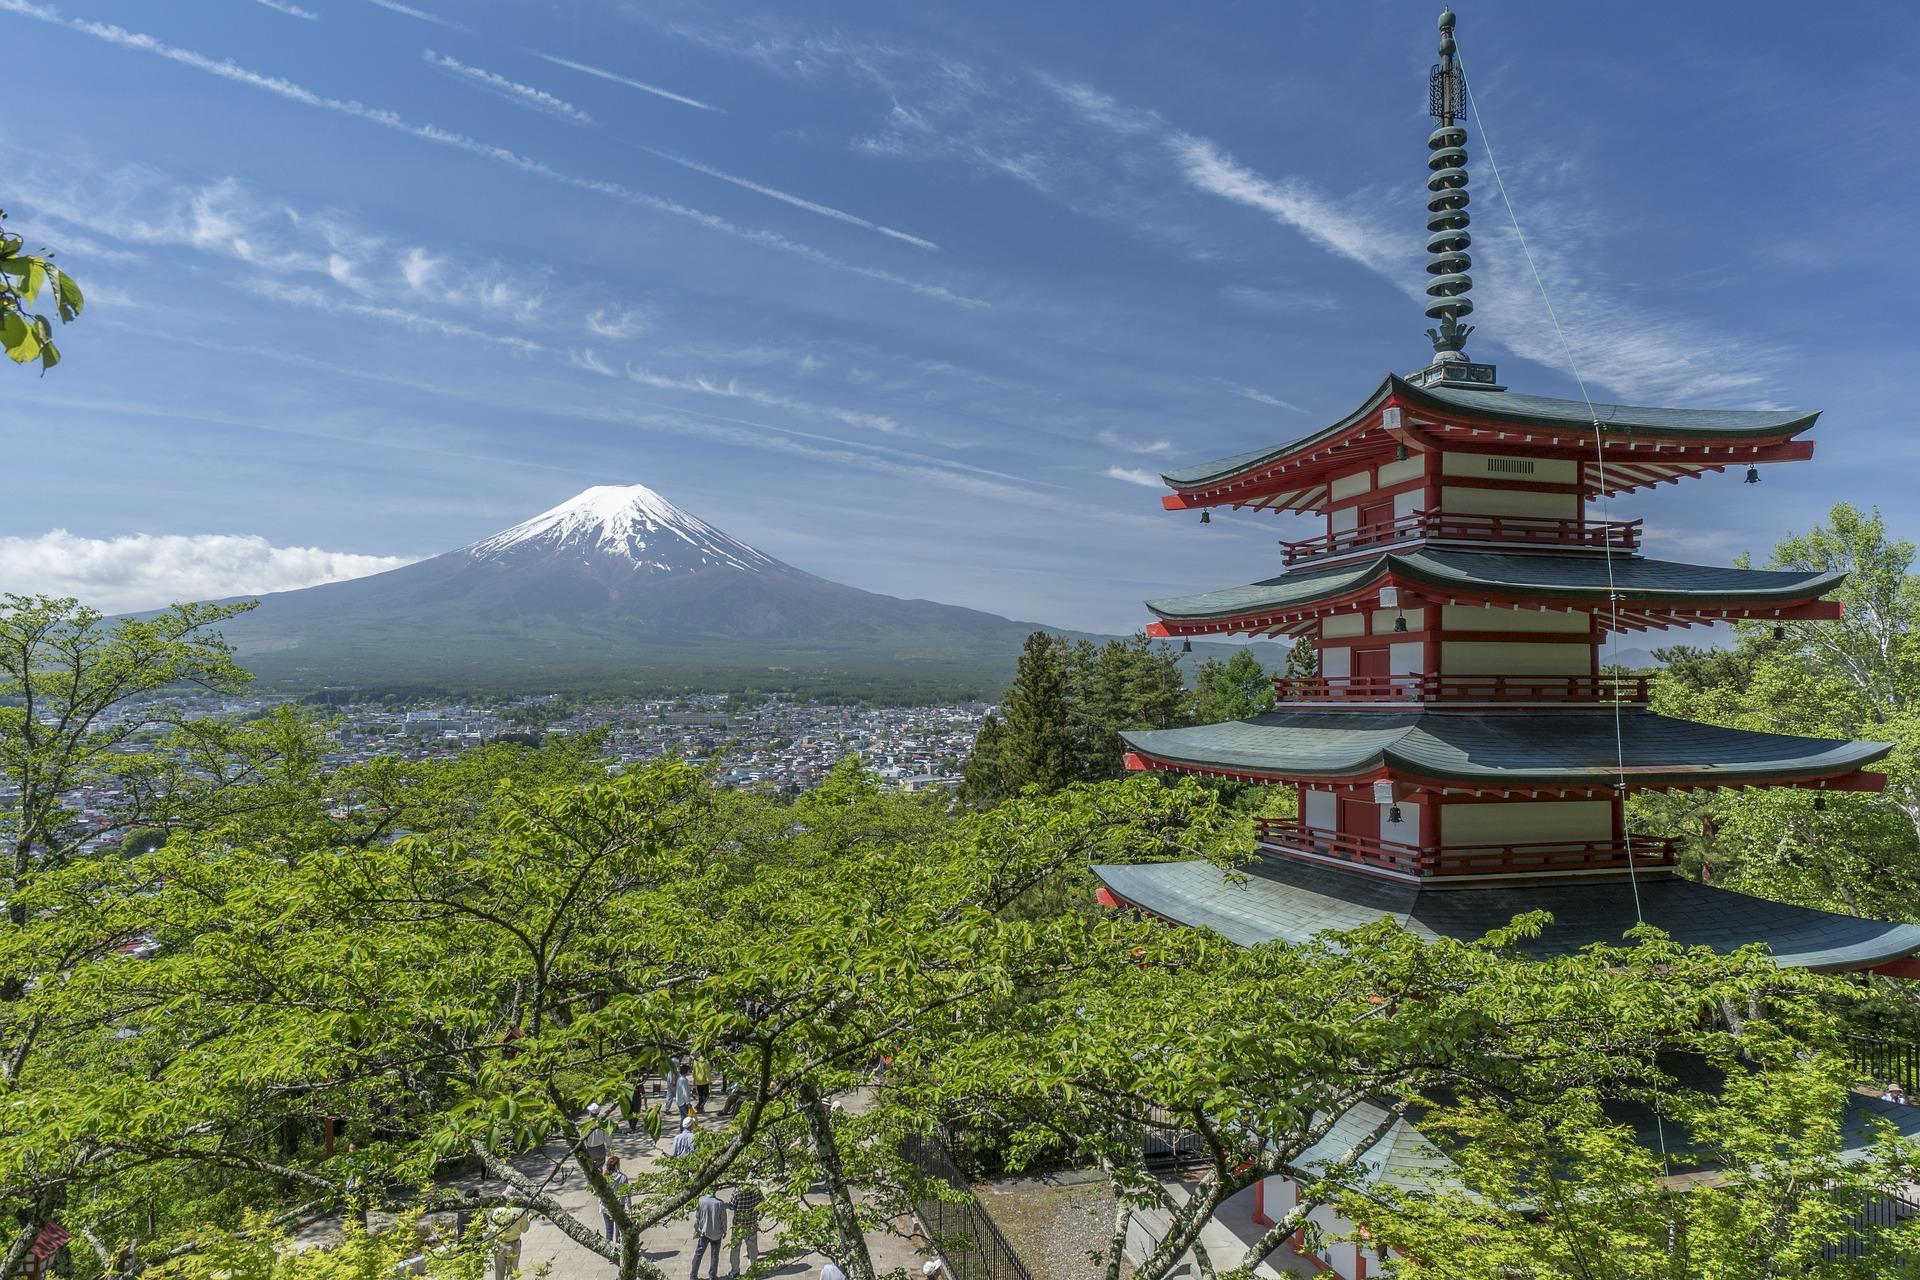 Mt fuji-Japan